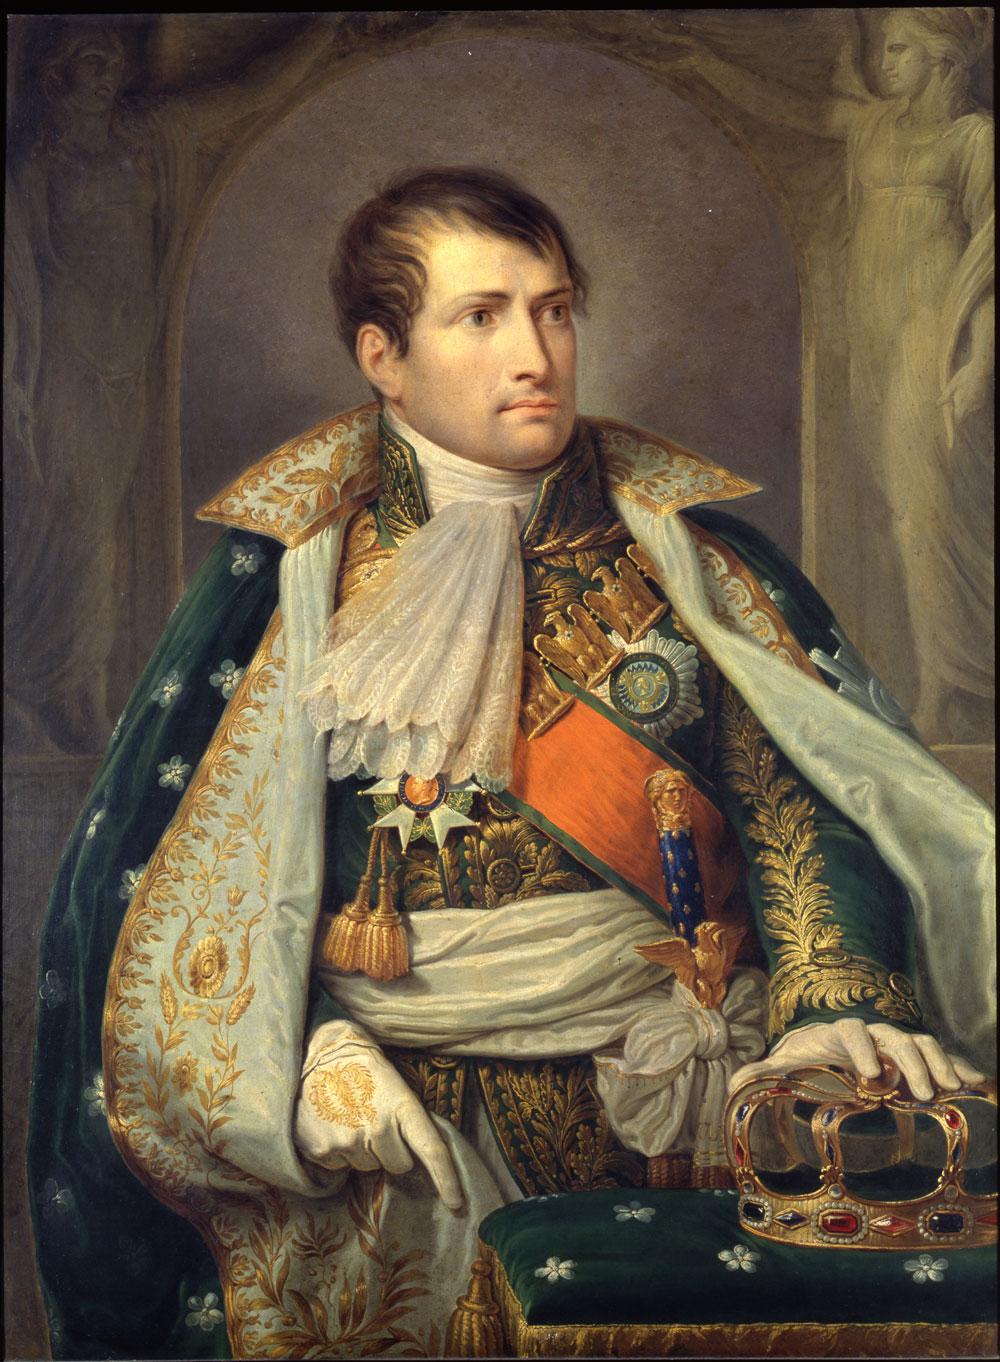 Brera celebra il 200° anniversario della morte di Napoleone con una grande mostra e autografi rarissimi